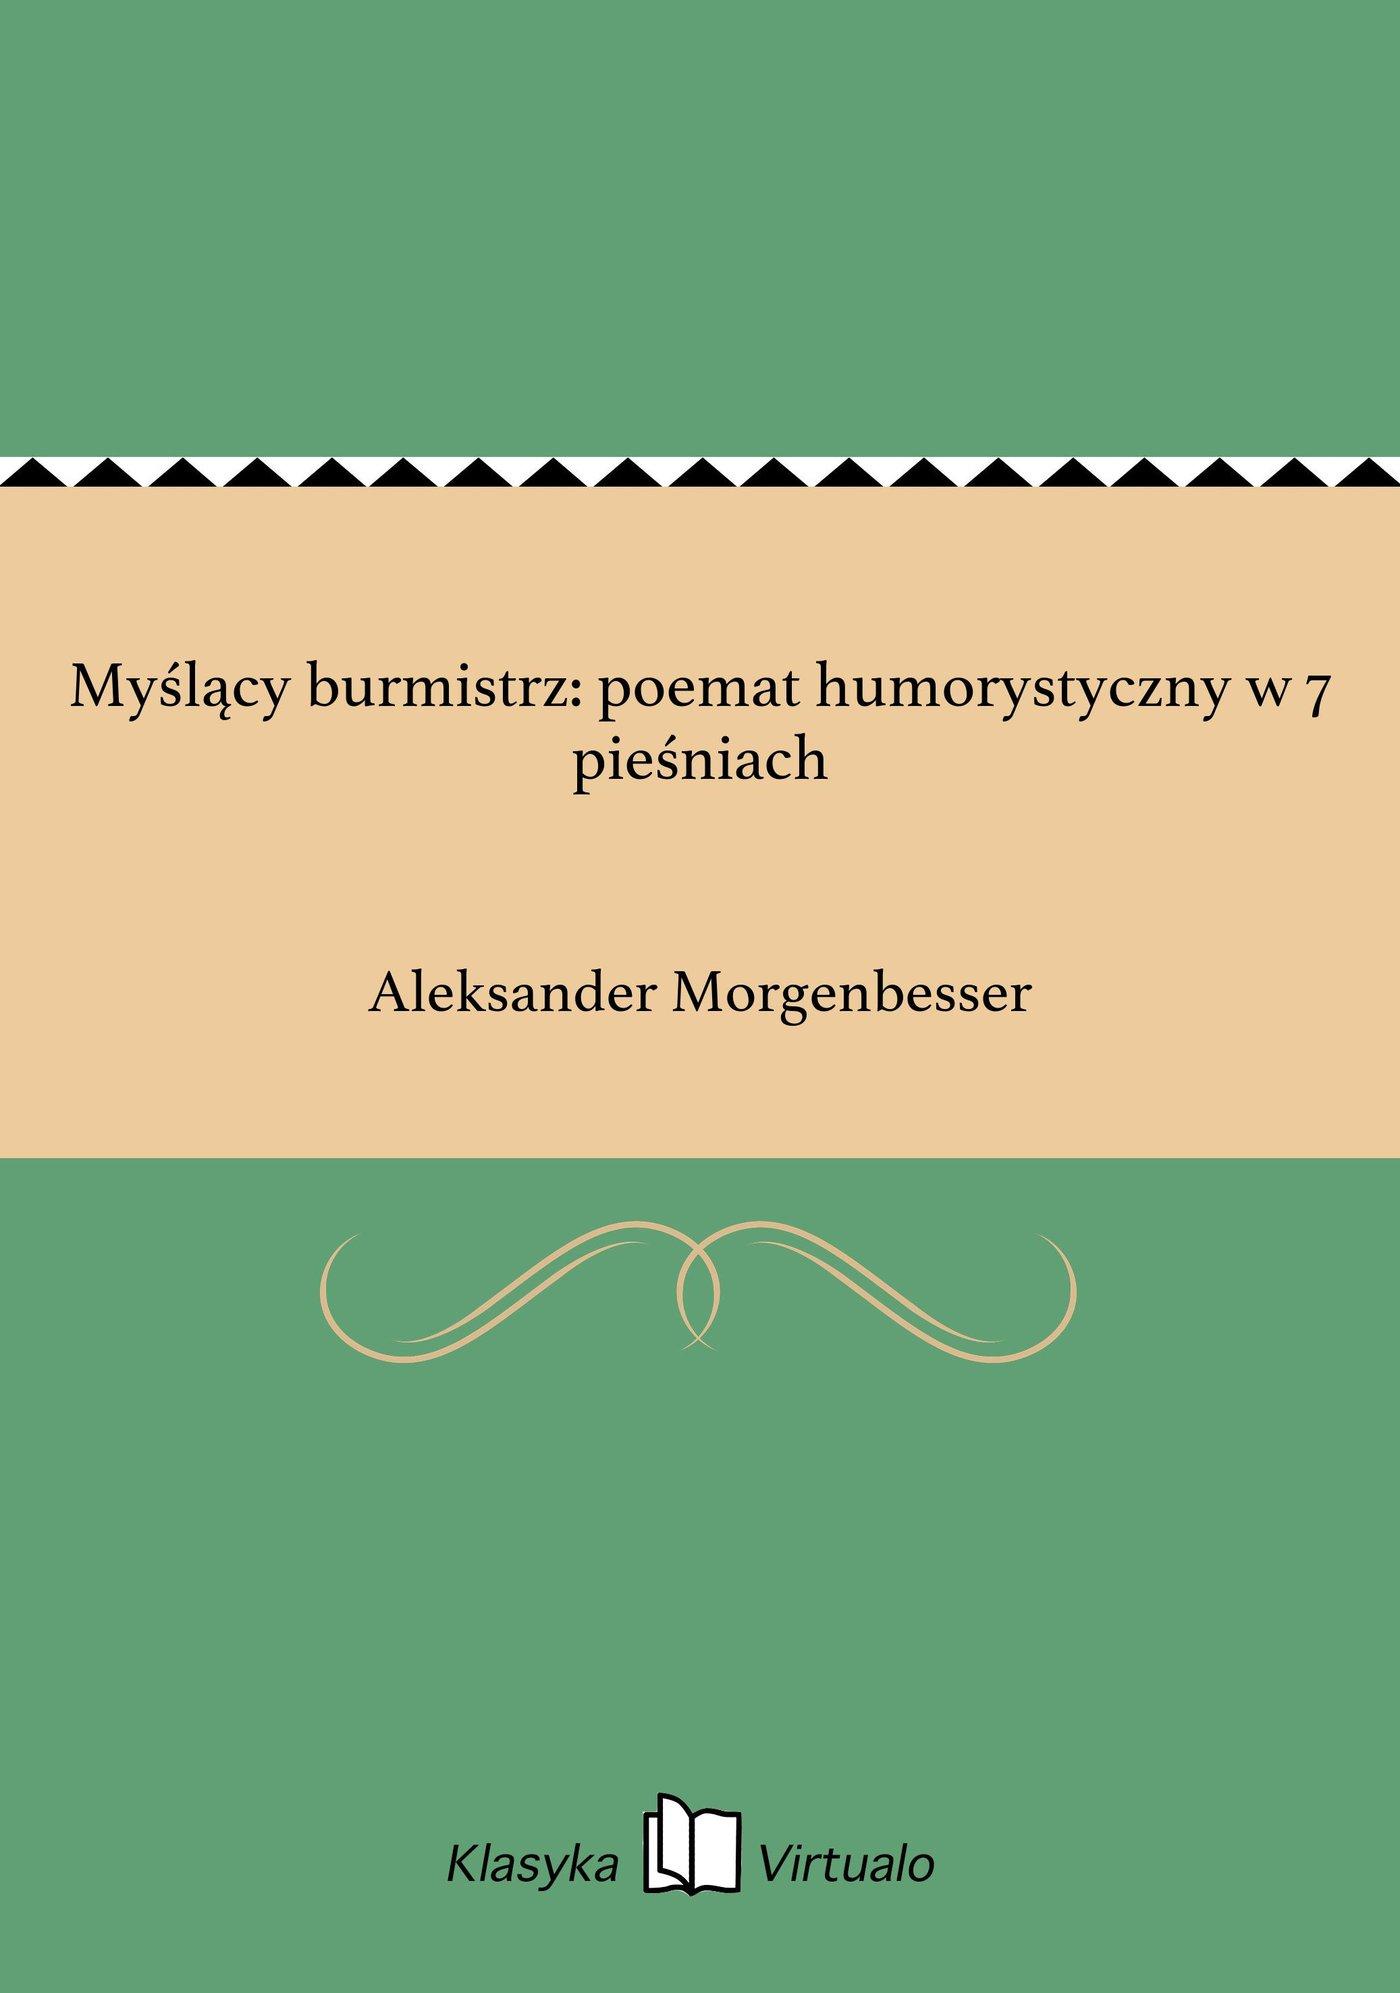 Myślący burmistrz: poemat humorystyczny w 7 pieśniach - Ebook (Książka EPUB) do pobrania w formacie EPUB